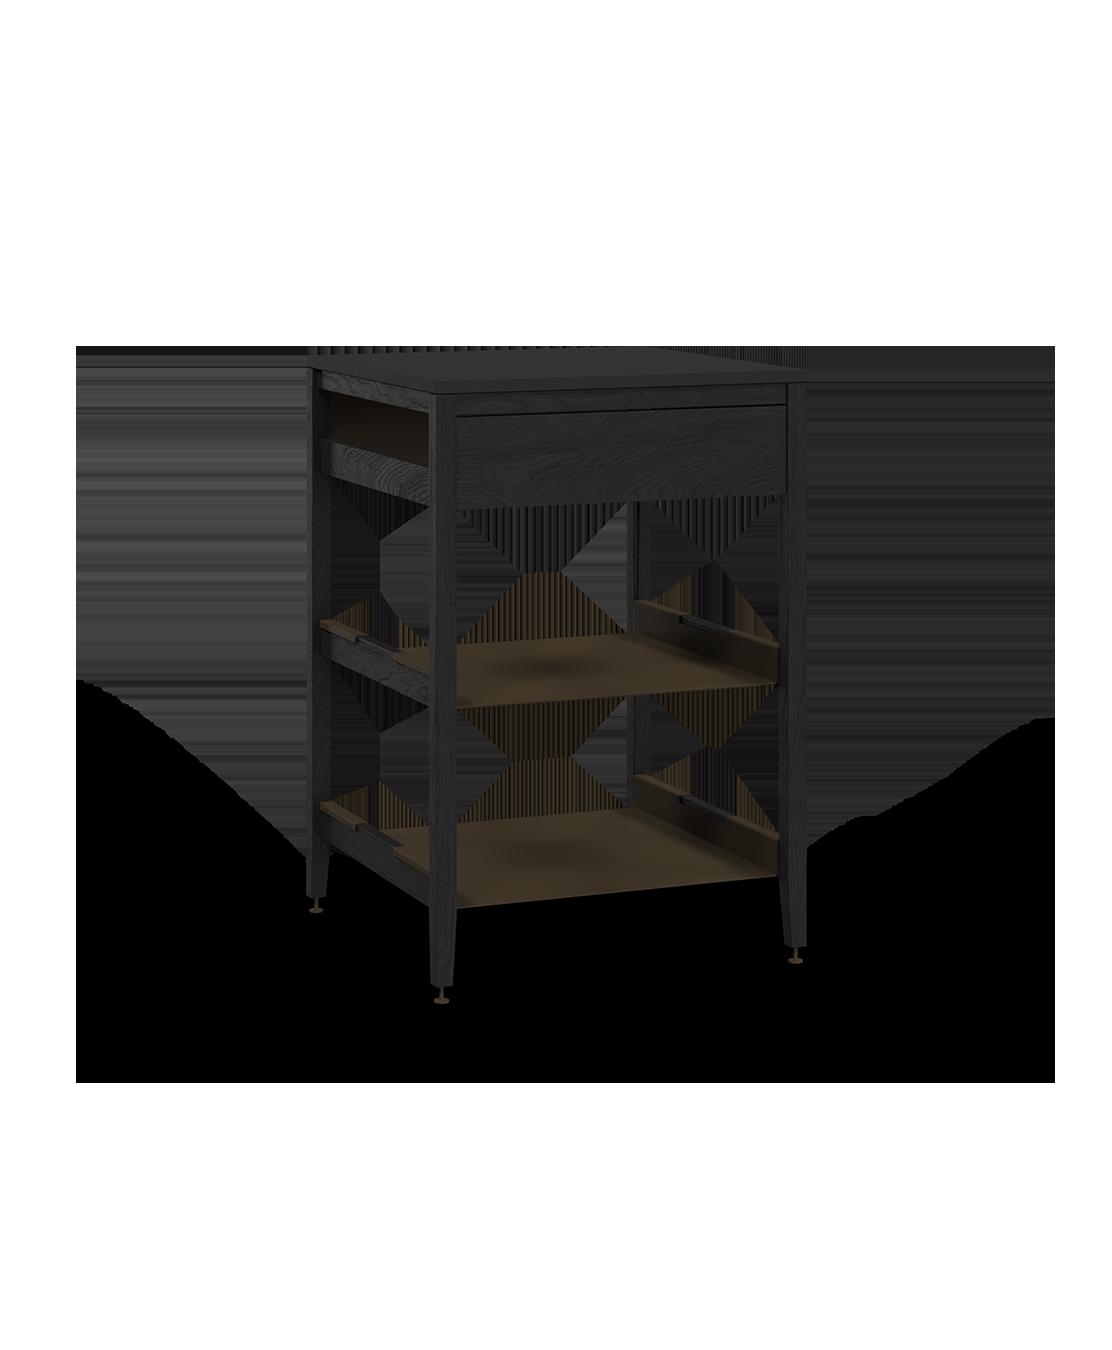 armoire de cuisine de coin modulaire inférieure en bois massif coquo radix avec 2 tablettes façade fixe chêne teint noir nuit profonde 24 pouces C1-CC-24SB-0021-BK